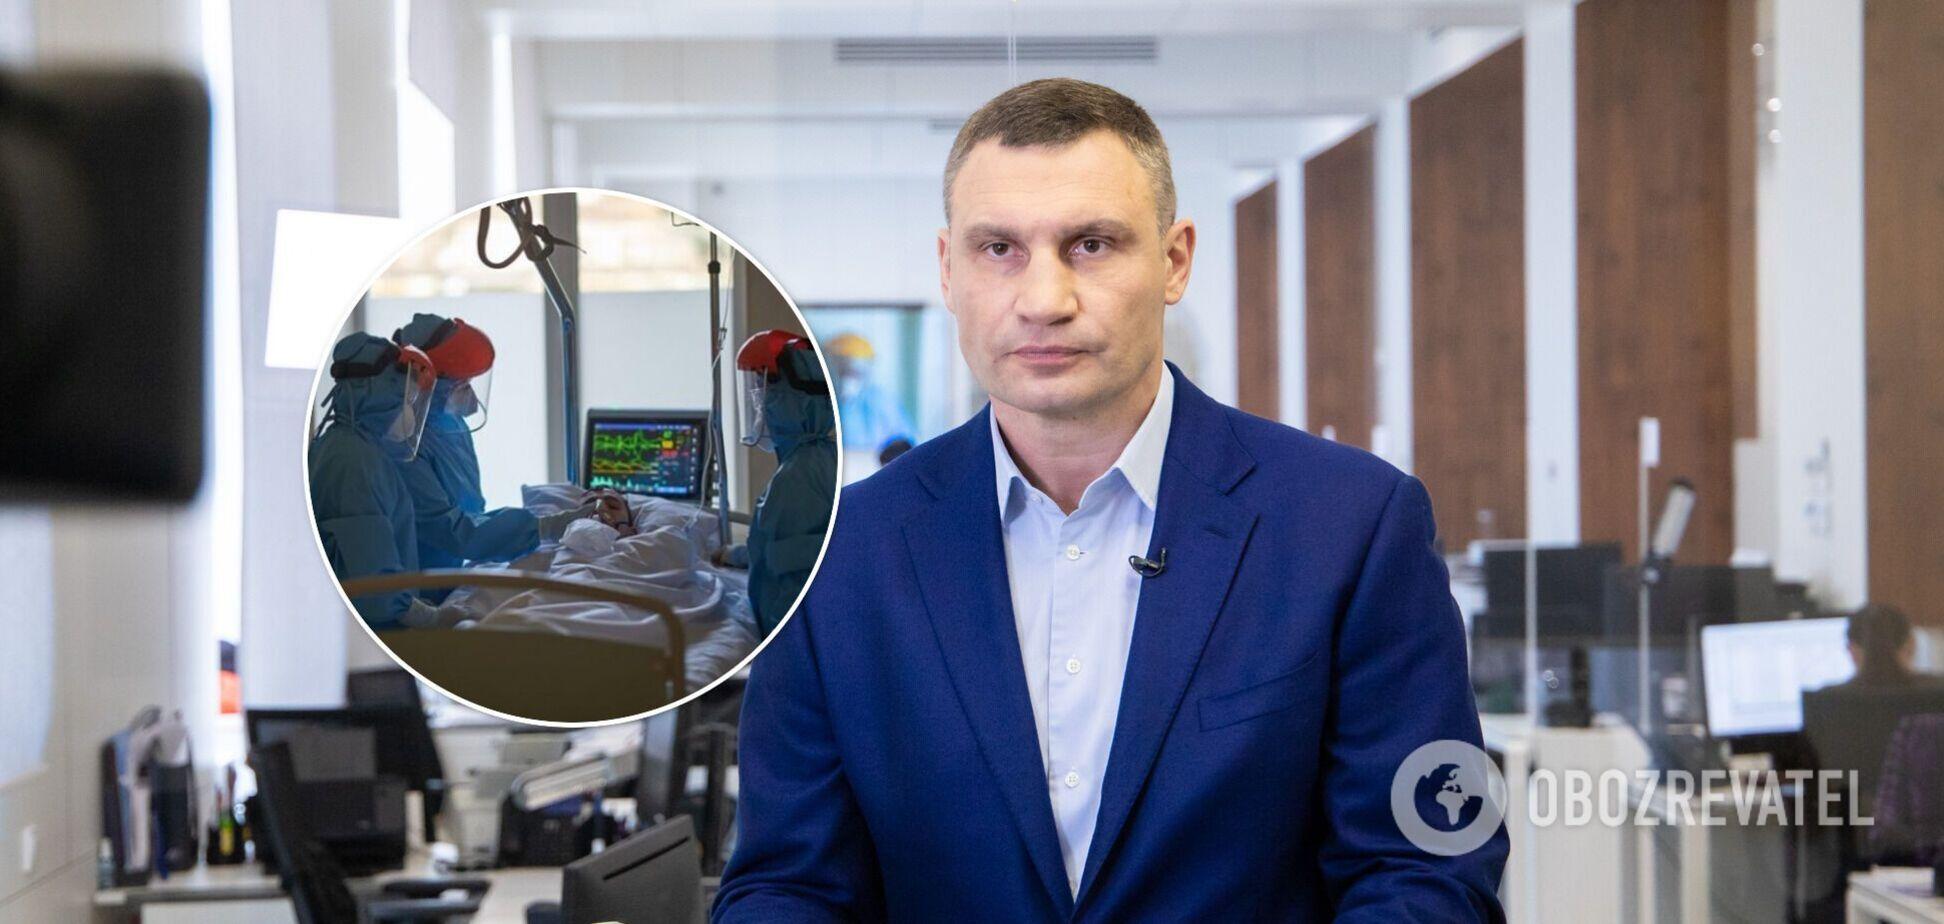 Кличко: в больницах Киева 99% госпитализированных с COVID-19 – невакцинированы